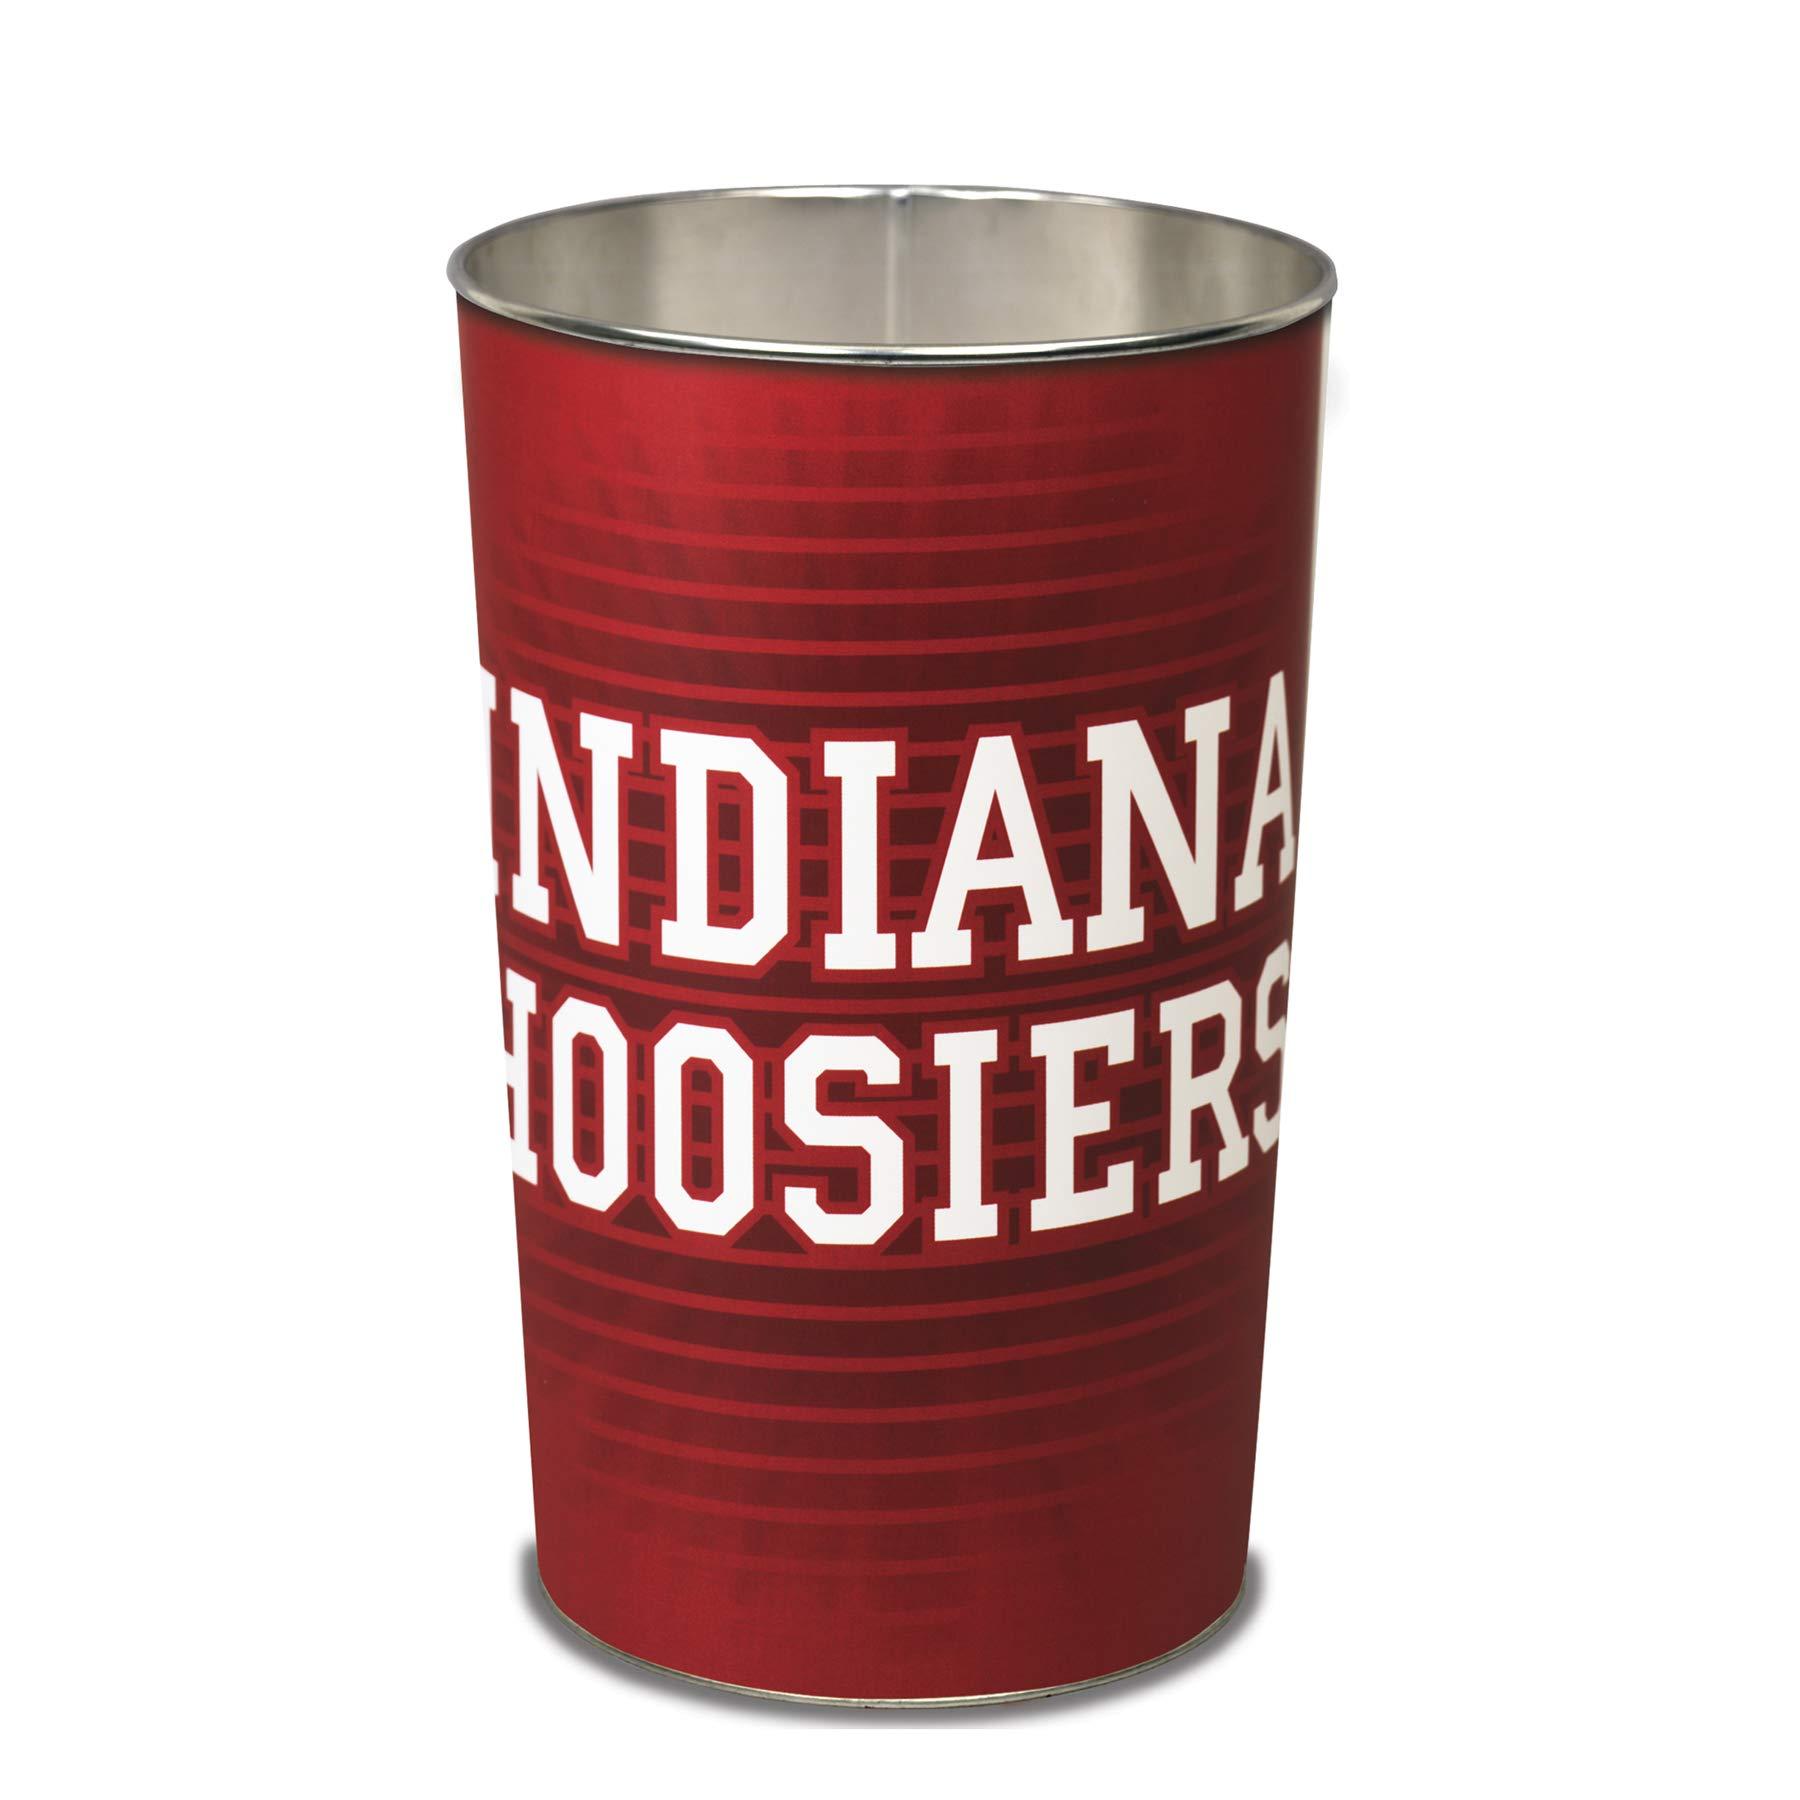 WinCraft NCAA Indiana Hoosiers Team Effort Indiana Hoosiers Wastebasketteam Effort Indiana Hoosiers Wastebasket, Multi, NA